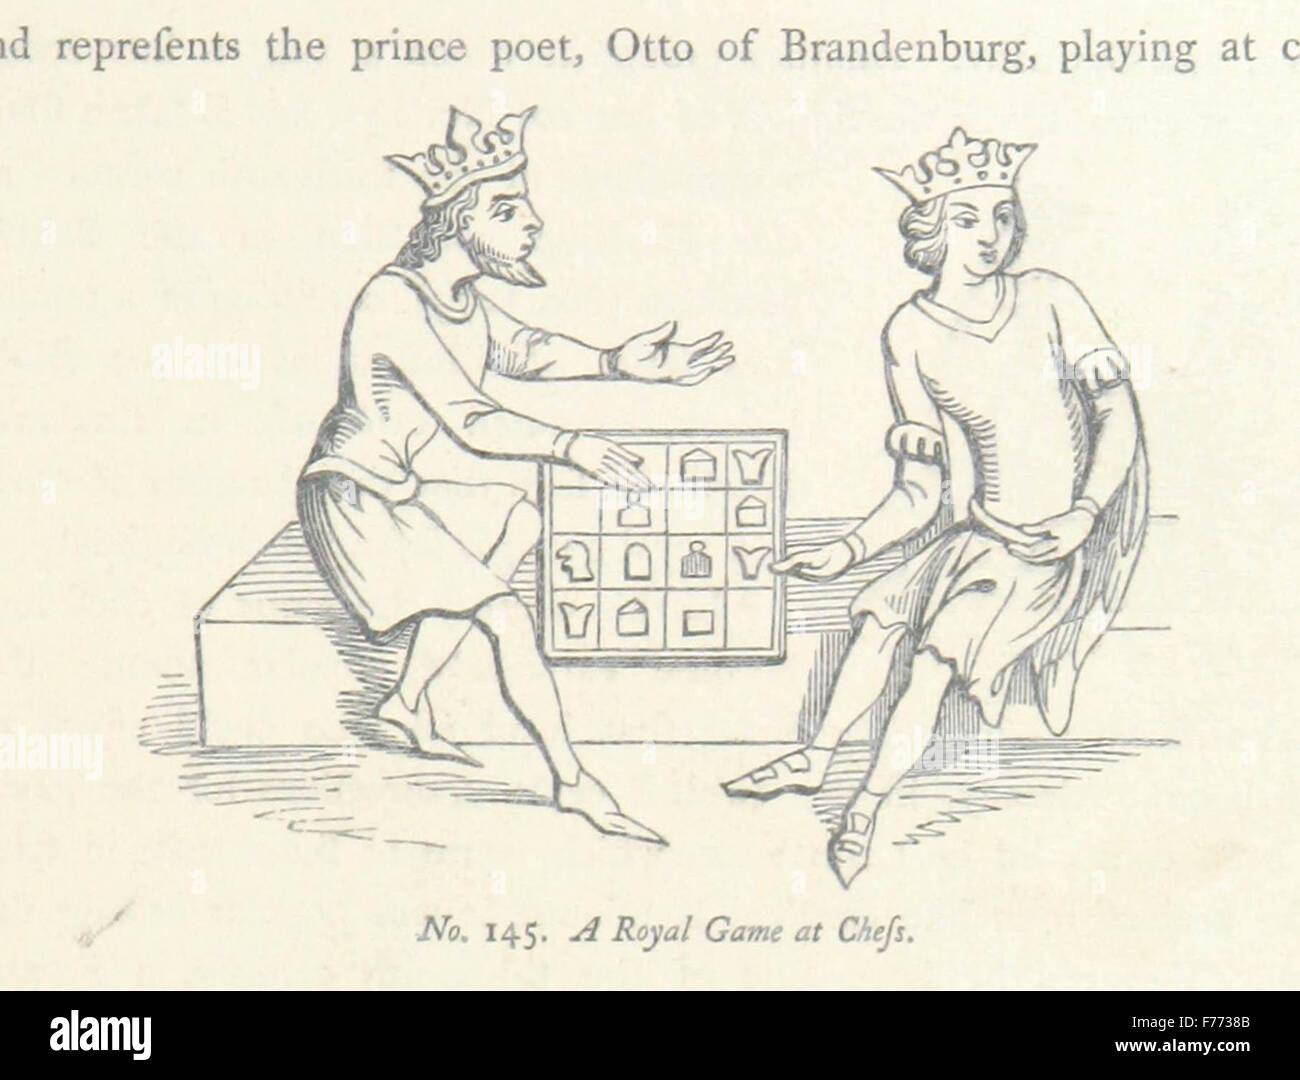 """""""Una historia de modales y sentimientos internos en Inglaterra durante la Edad Media ... Con ilustraciones Imagen De Stock"""